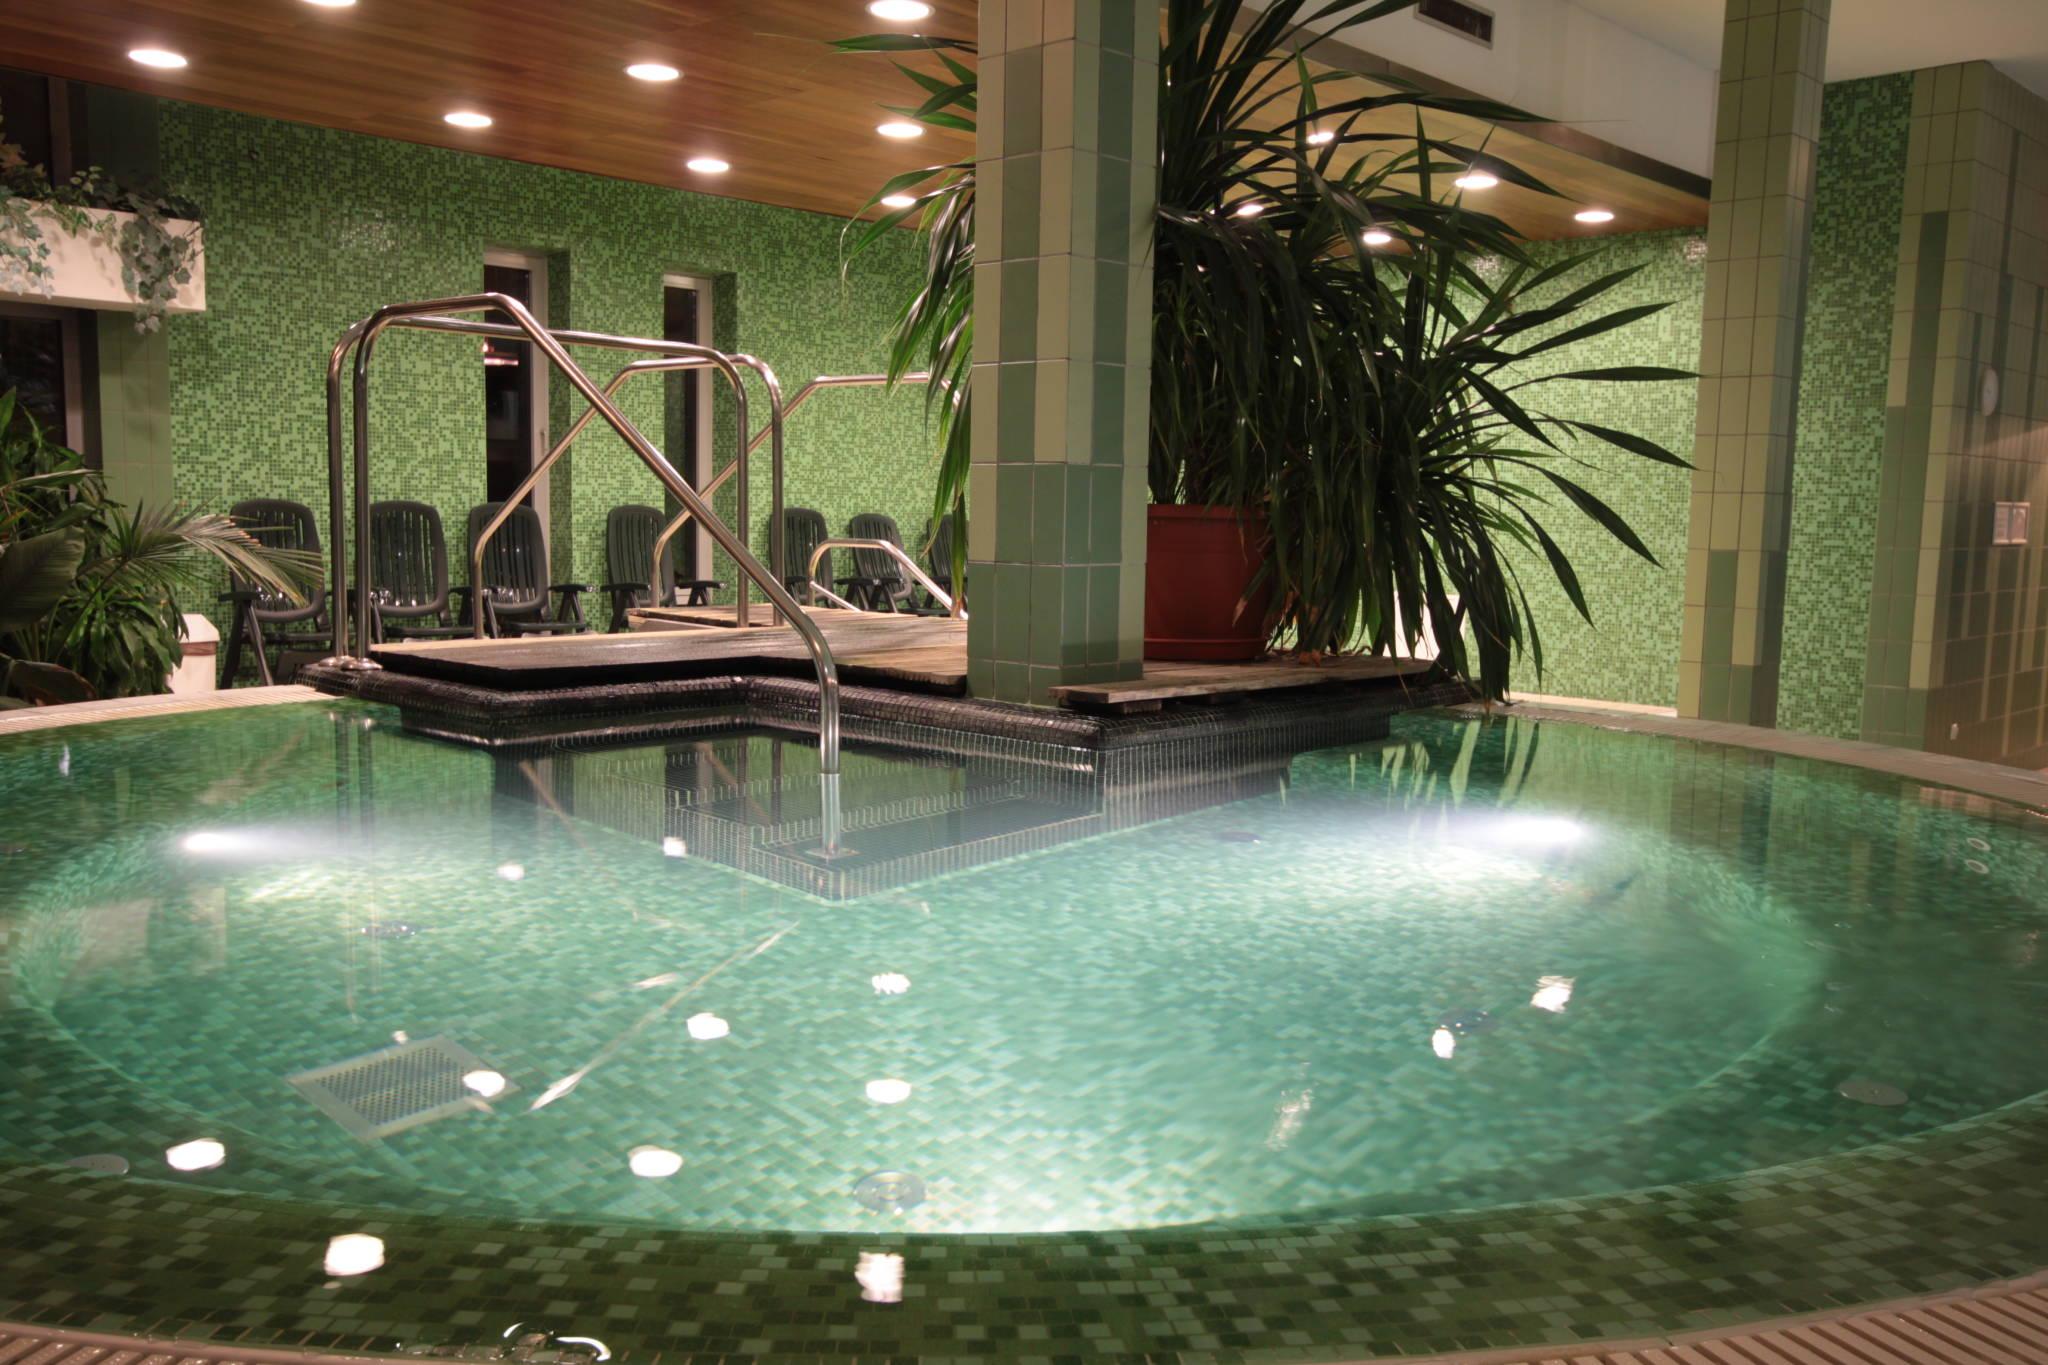 Hotel Yacht Wellness & Business Siófok - íBeltéri pezsgőfürdő